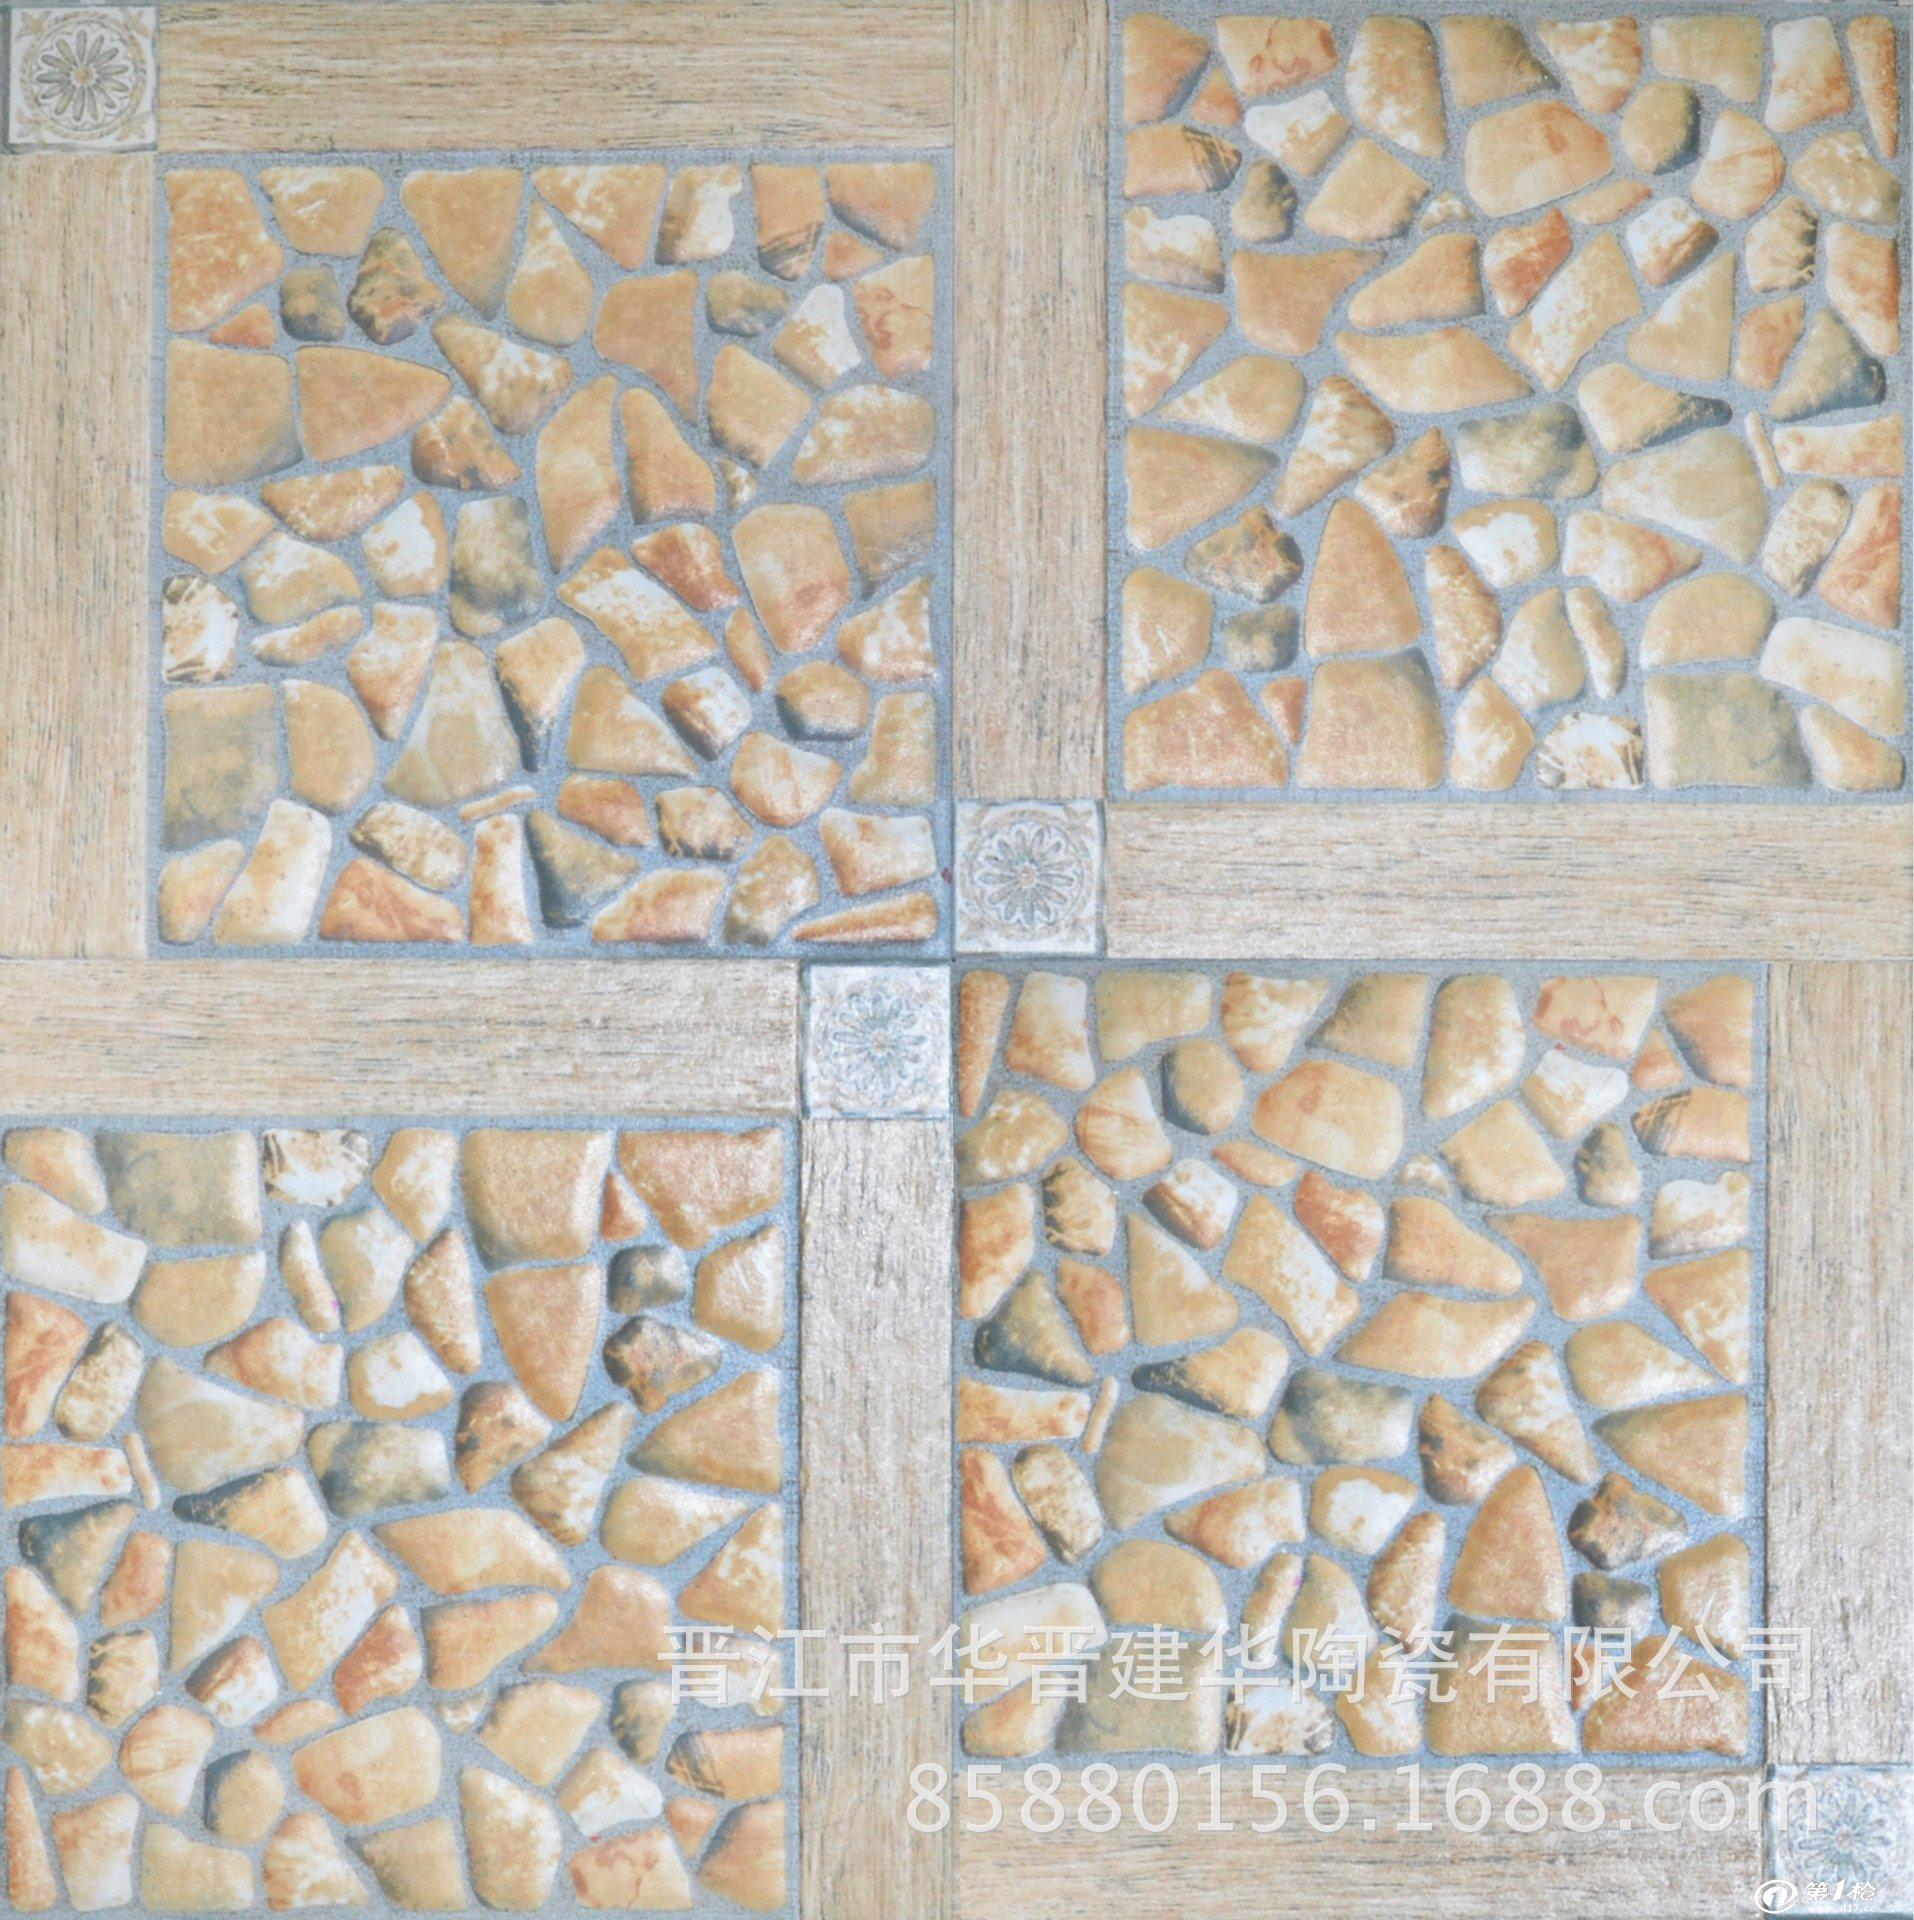 3d喷墨陶瓷地墙砖系列 300*300鹅卵石地墙砖 室内仿古拼花瓷砖